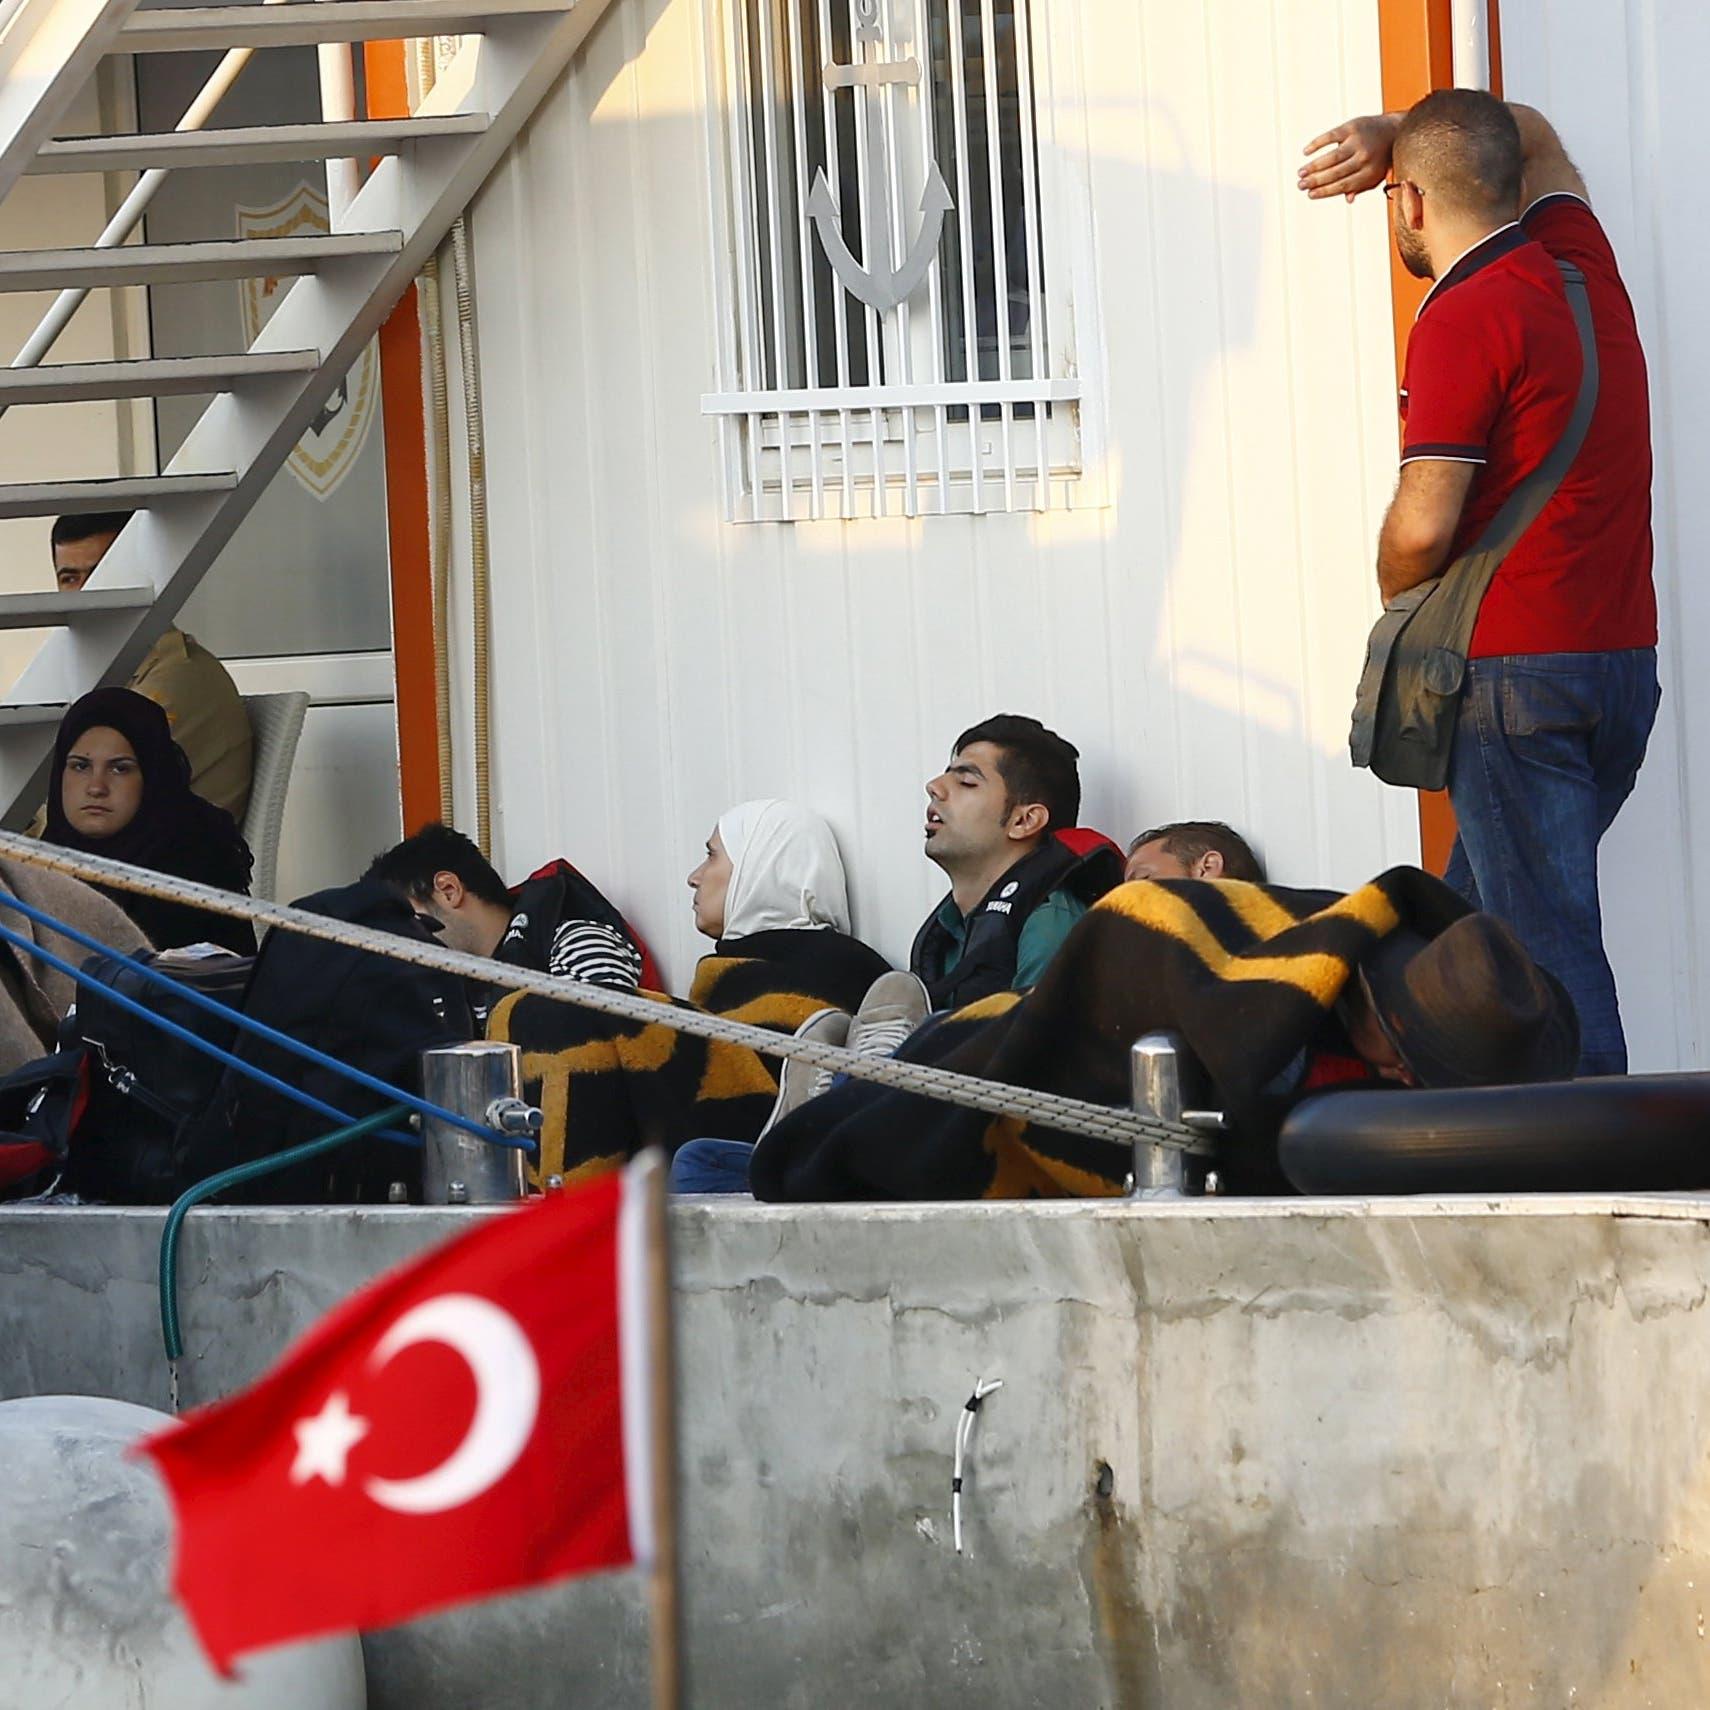 تركيا تلوح مجدداً بورقة اللاجئين.. على أوروبا مساعدتنا